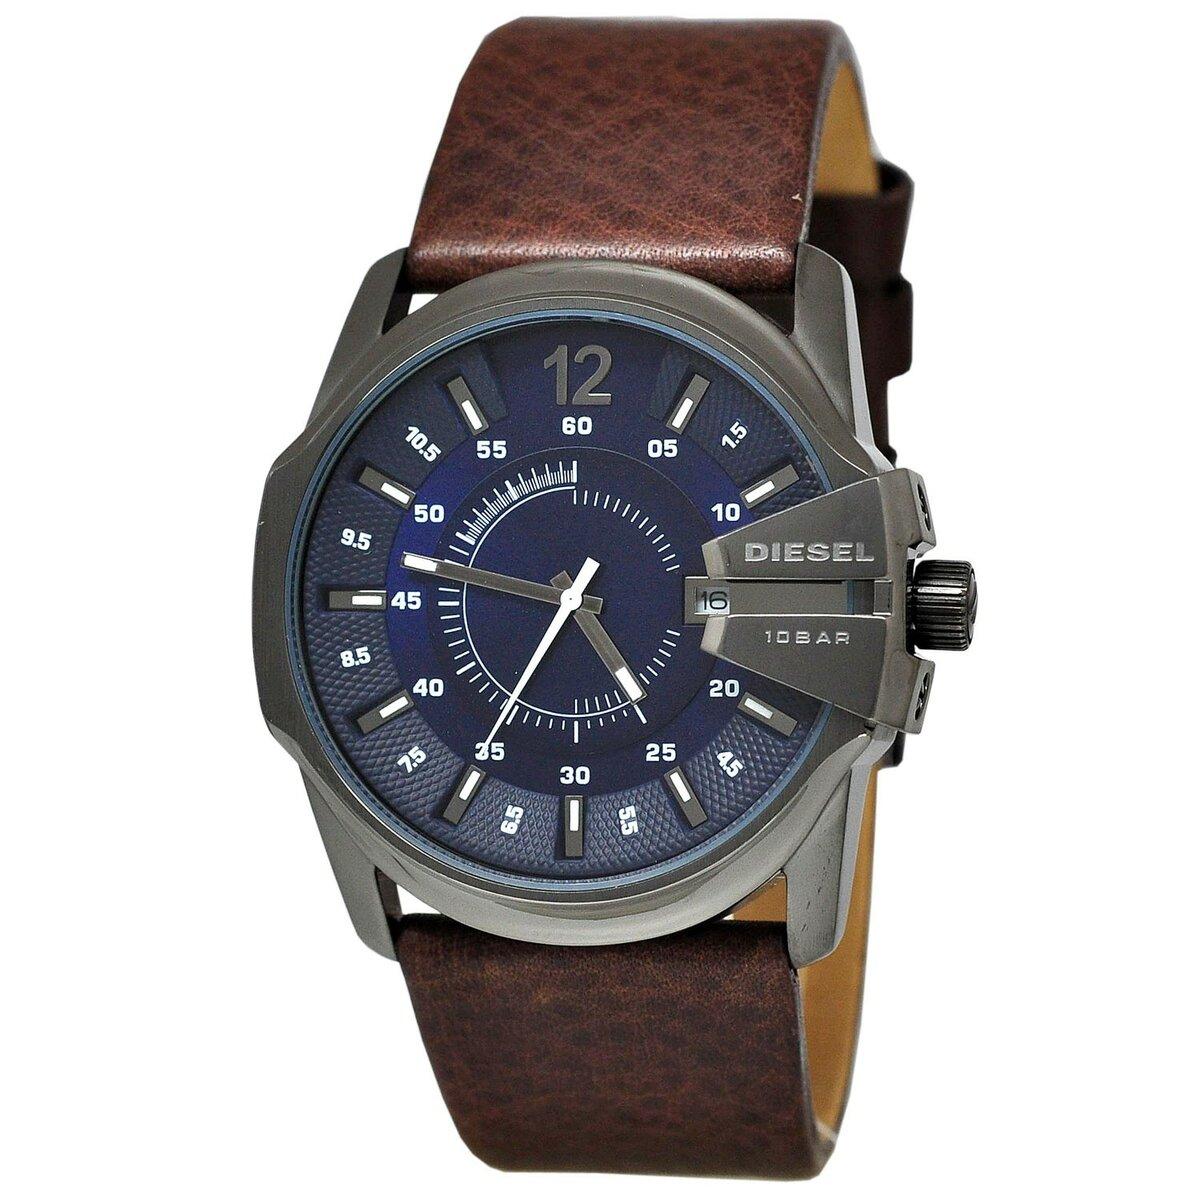 Магазин tempus предлагает купить наручные часы diesel.